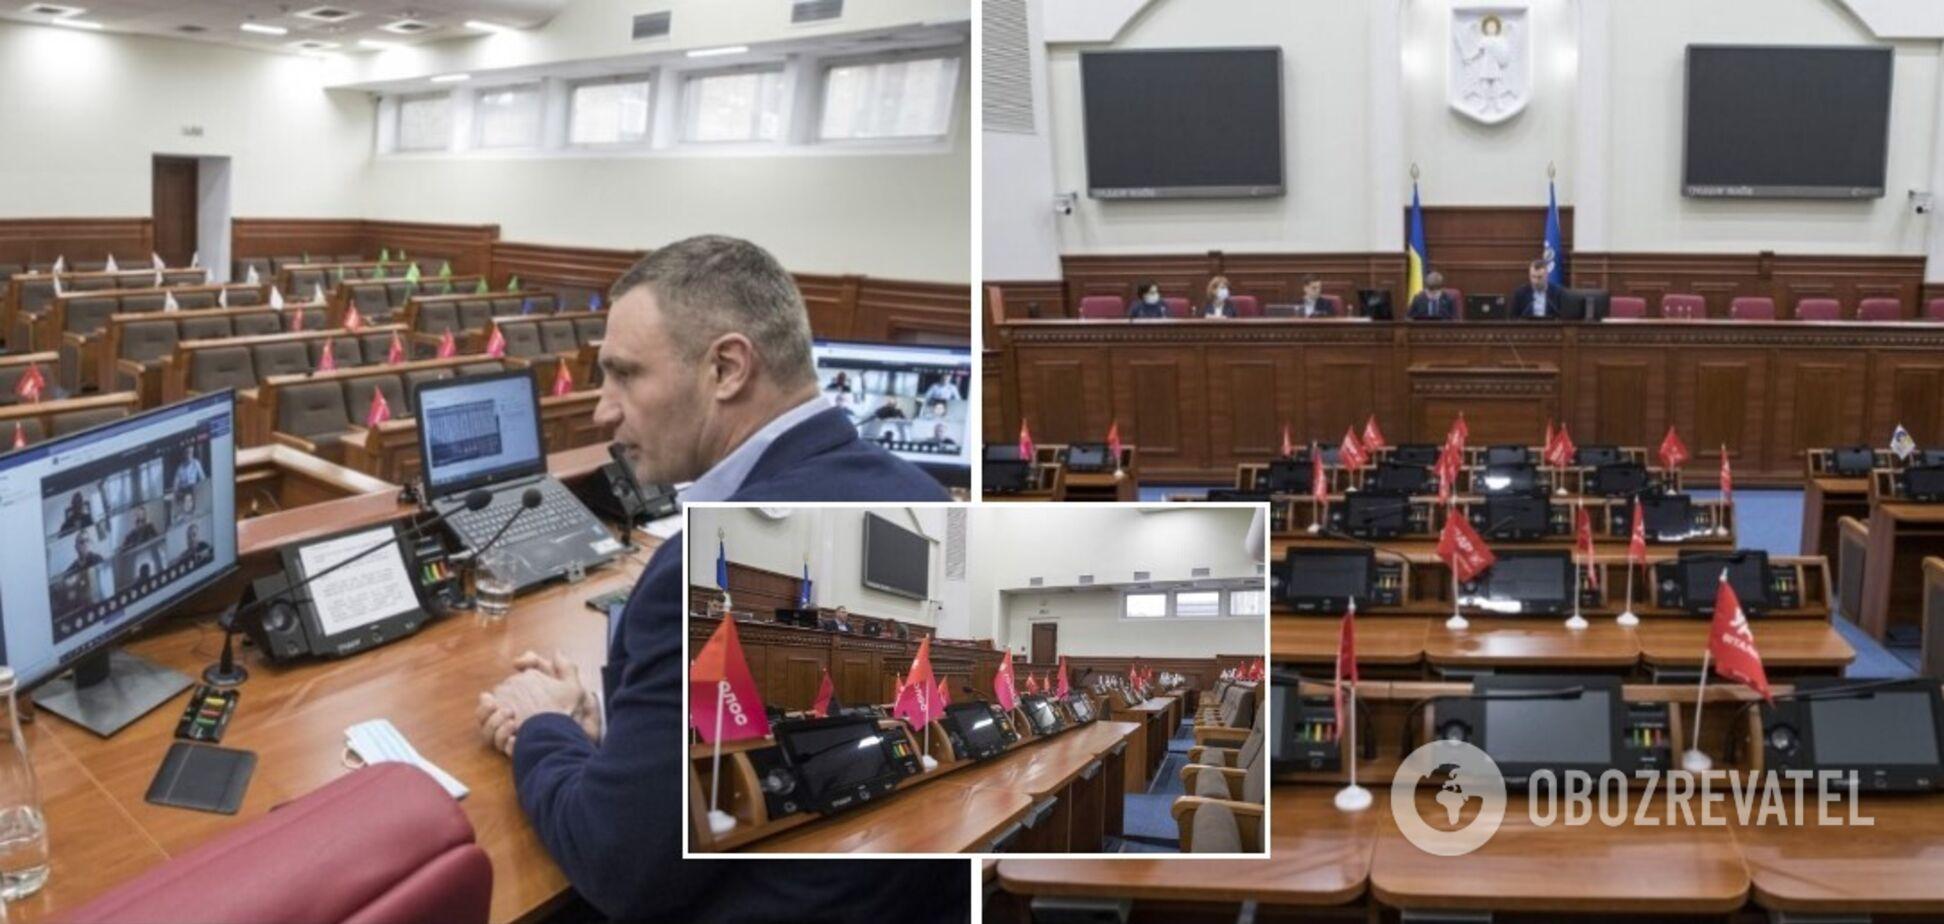 Кличко провел онлайн-заседание Киевсовета